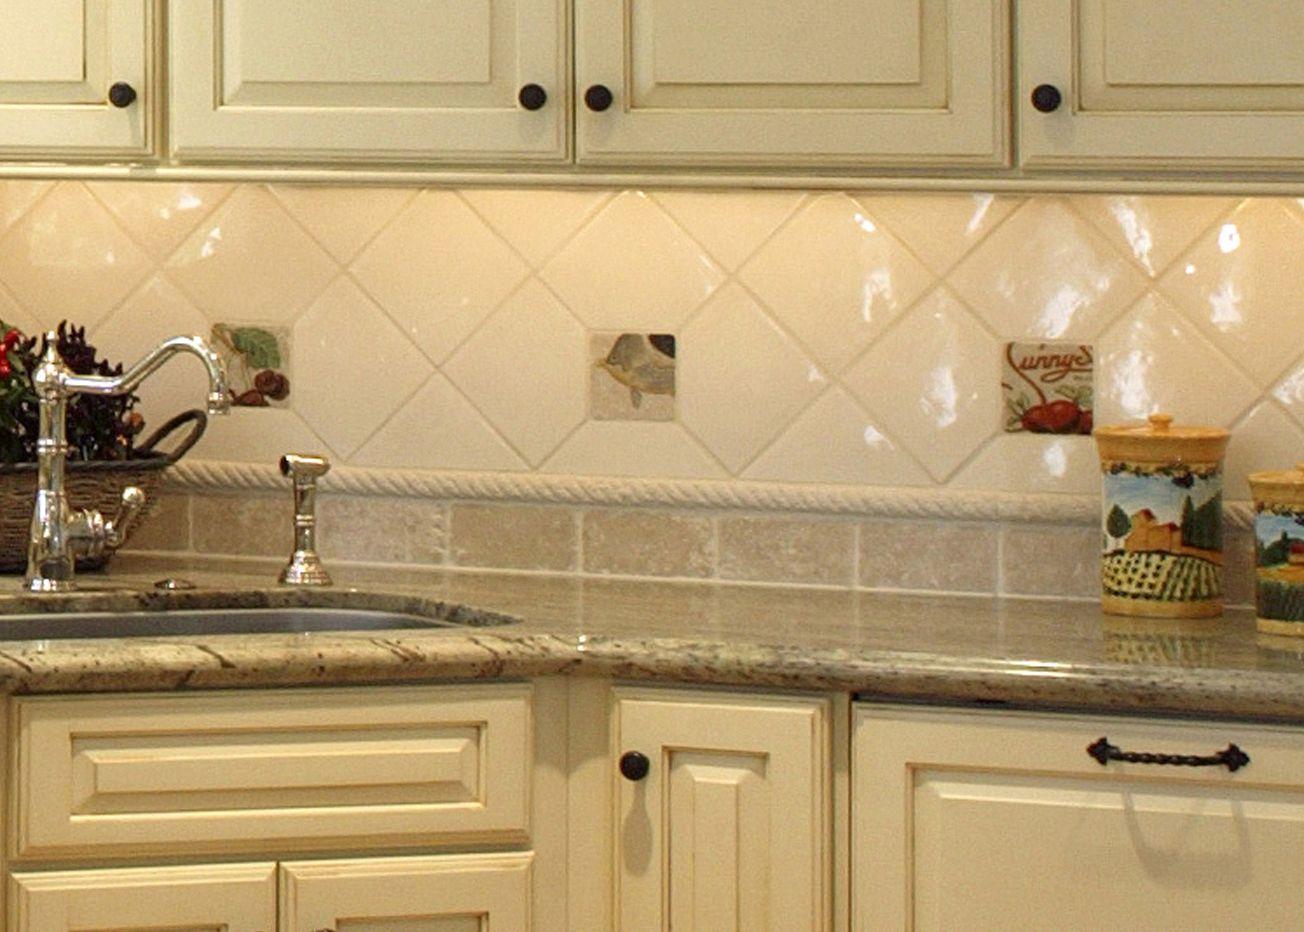 kitchen wall tile designs faucets best backsplashes backsplash design ideas hiplyfe 0010